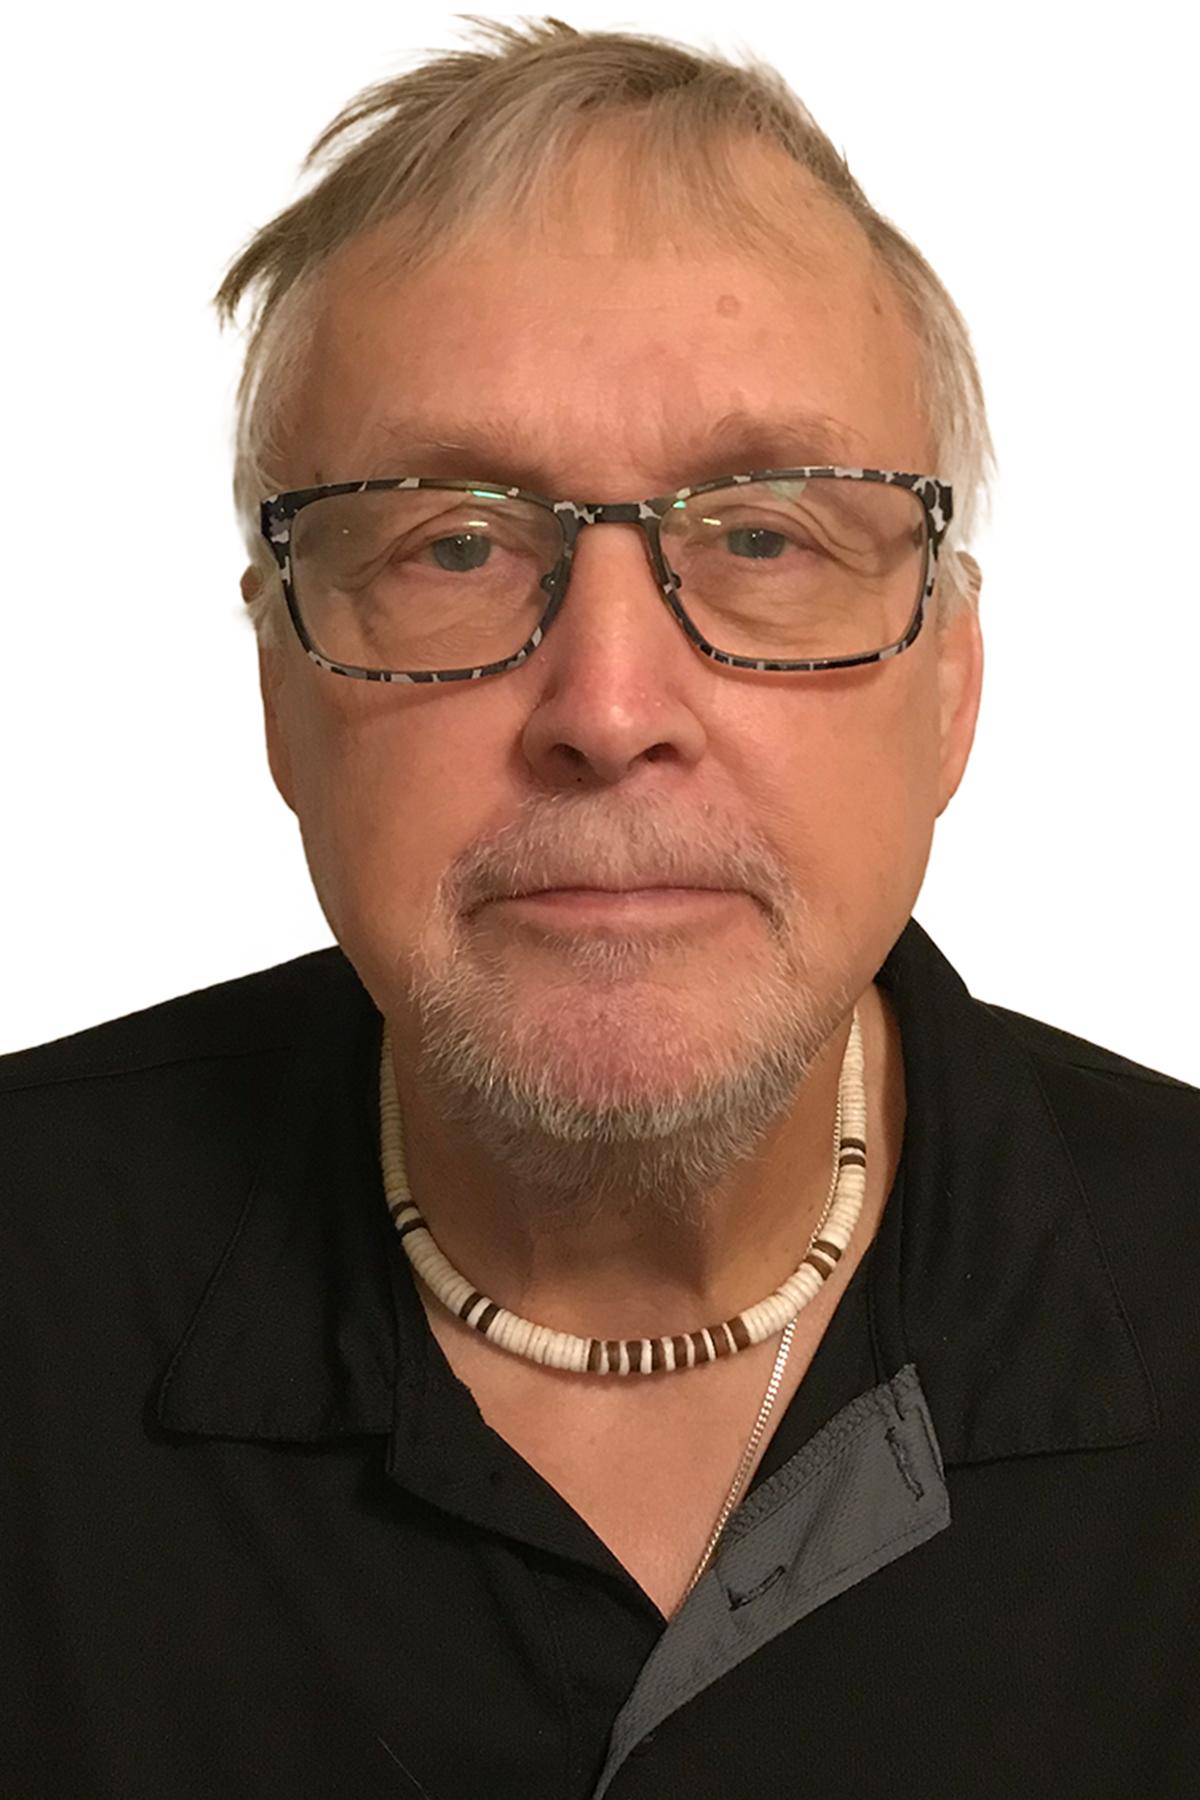 Ingemar Högberg